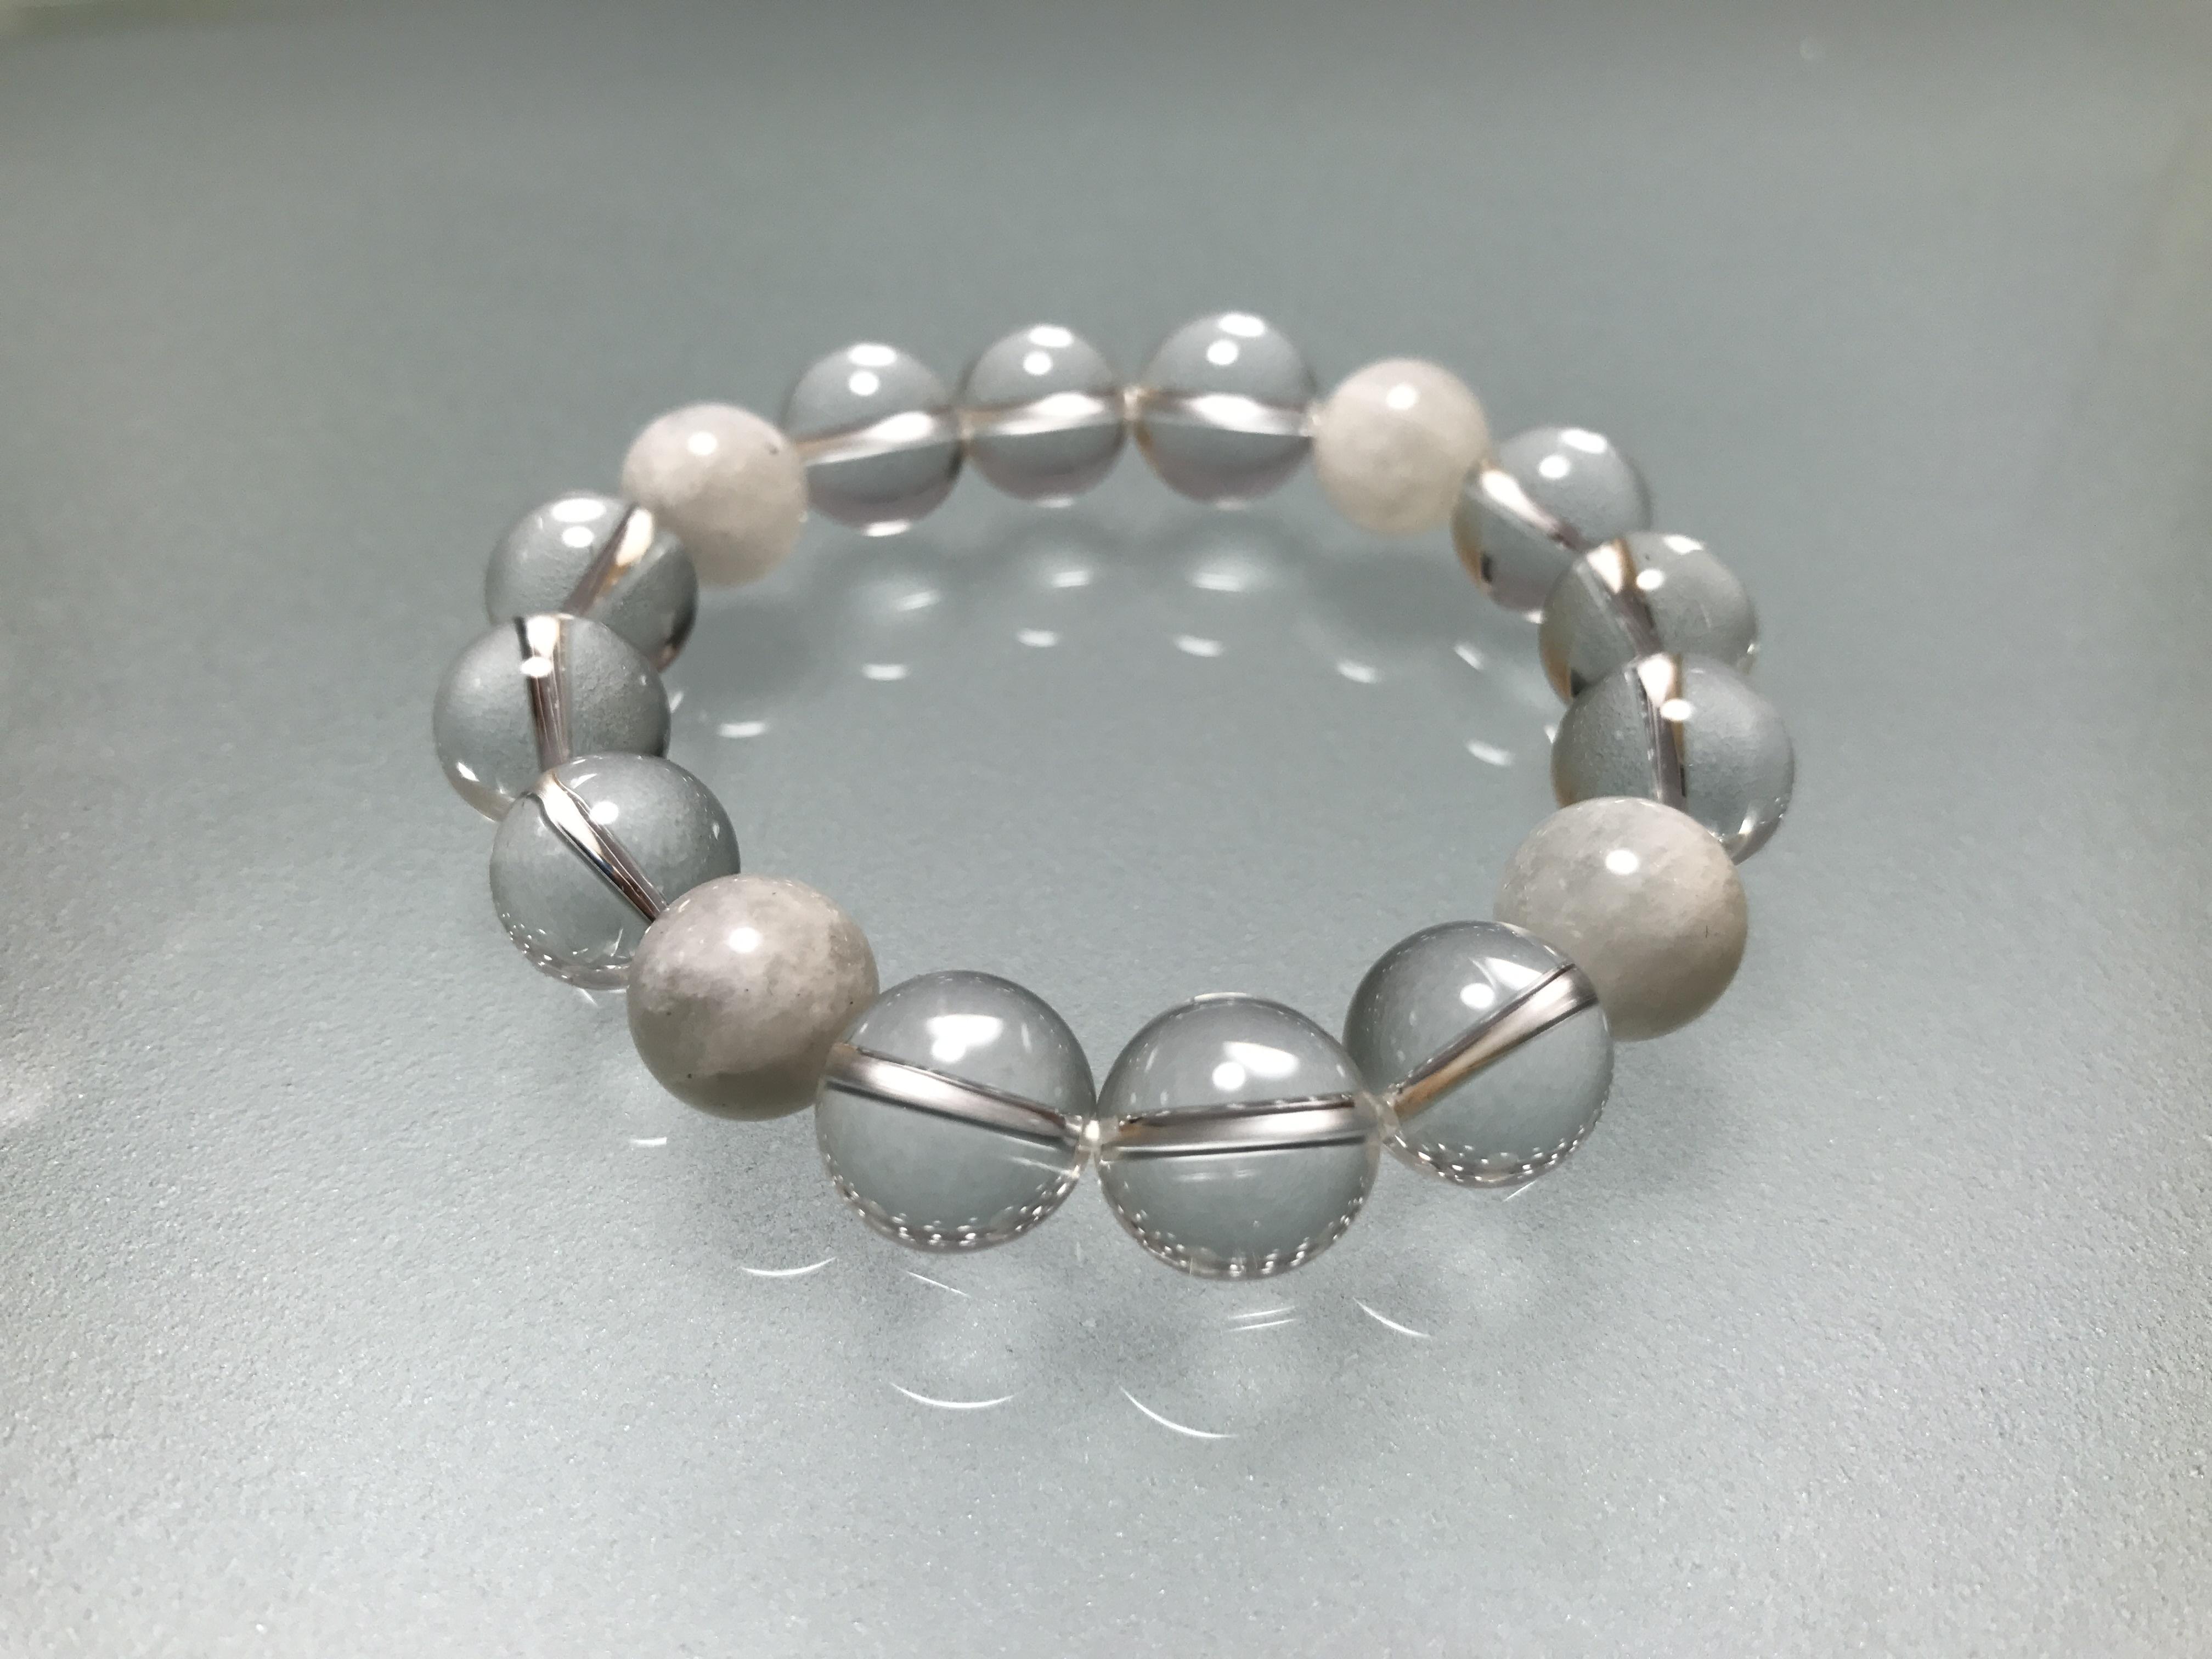 水晶&マザーオブパール 12mm 、生命力活性の水晶と子宝のマザーオブパールの組み合わせです。